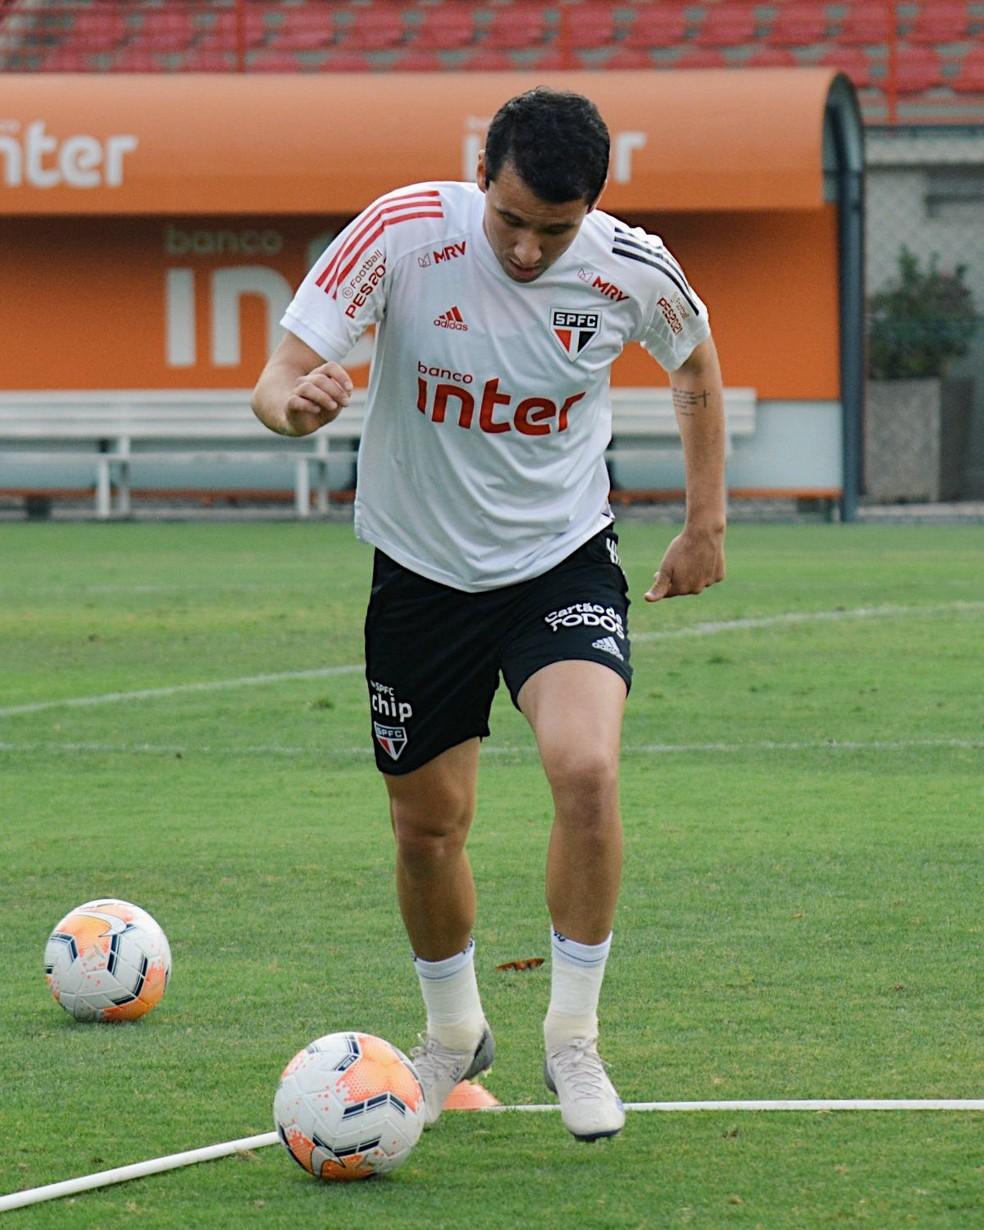 Pablo treinou nesta quarta-feira no São Paulo — Foto: Erico Leonan / saopaulofc.net